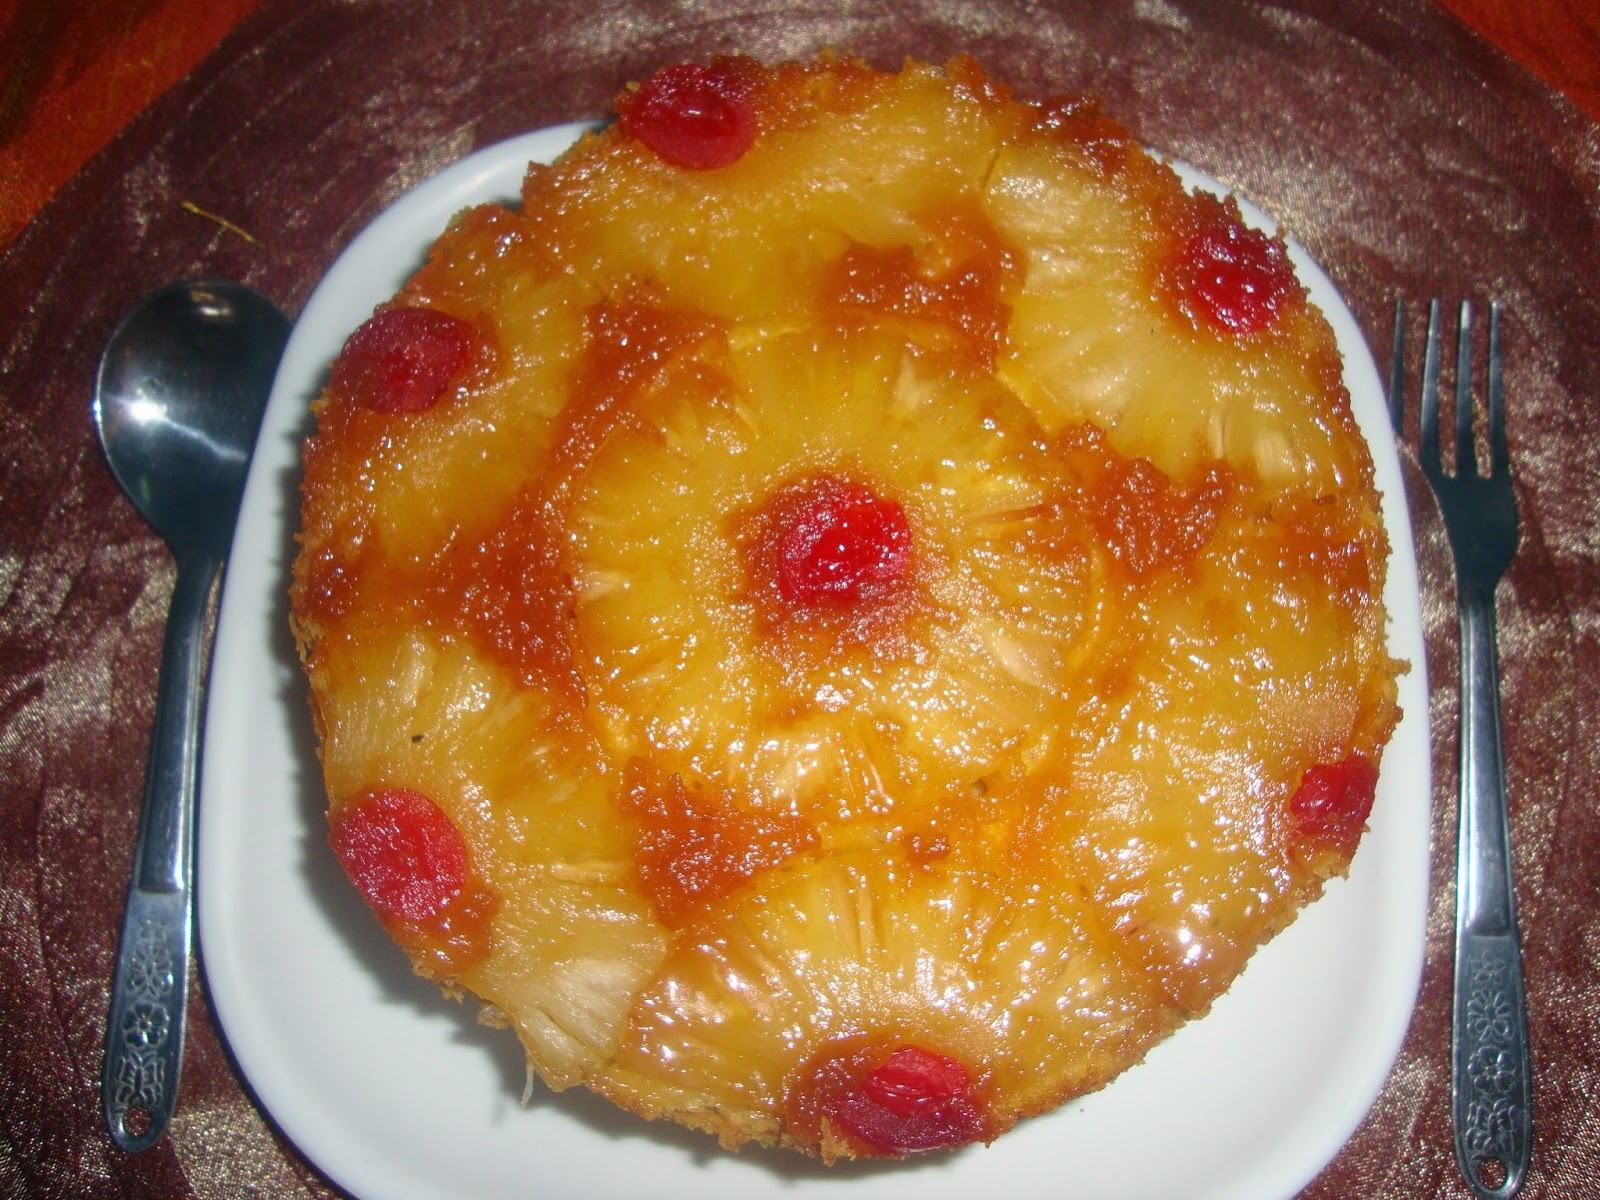 Simple Yet Tasteful Pineapple Upside-Down Cake